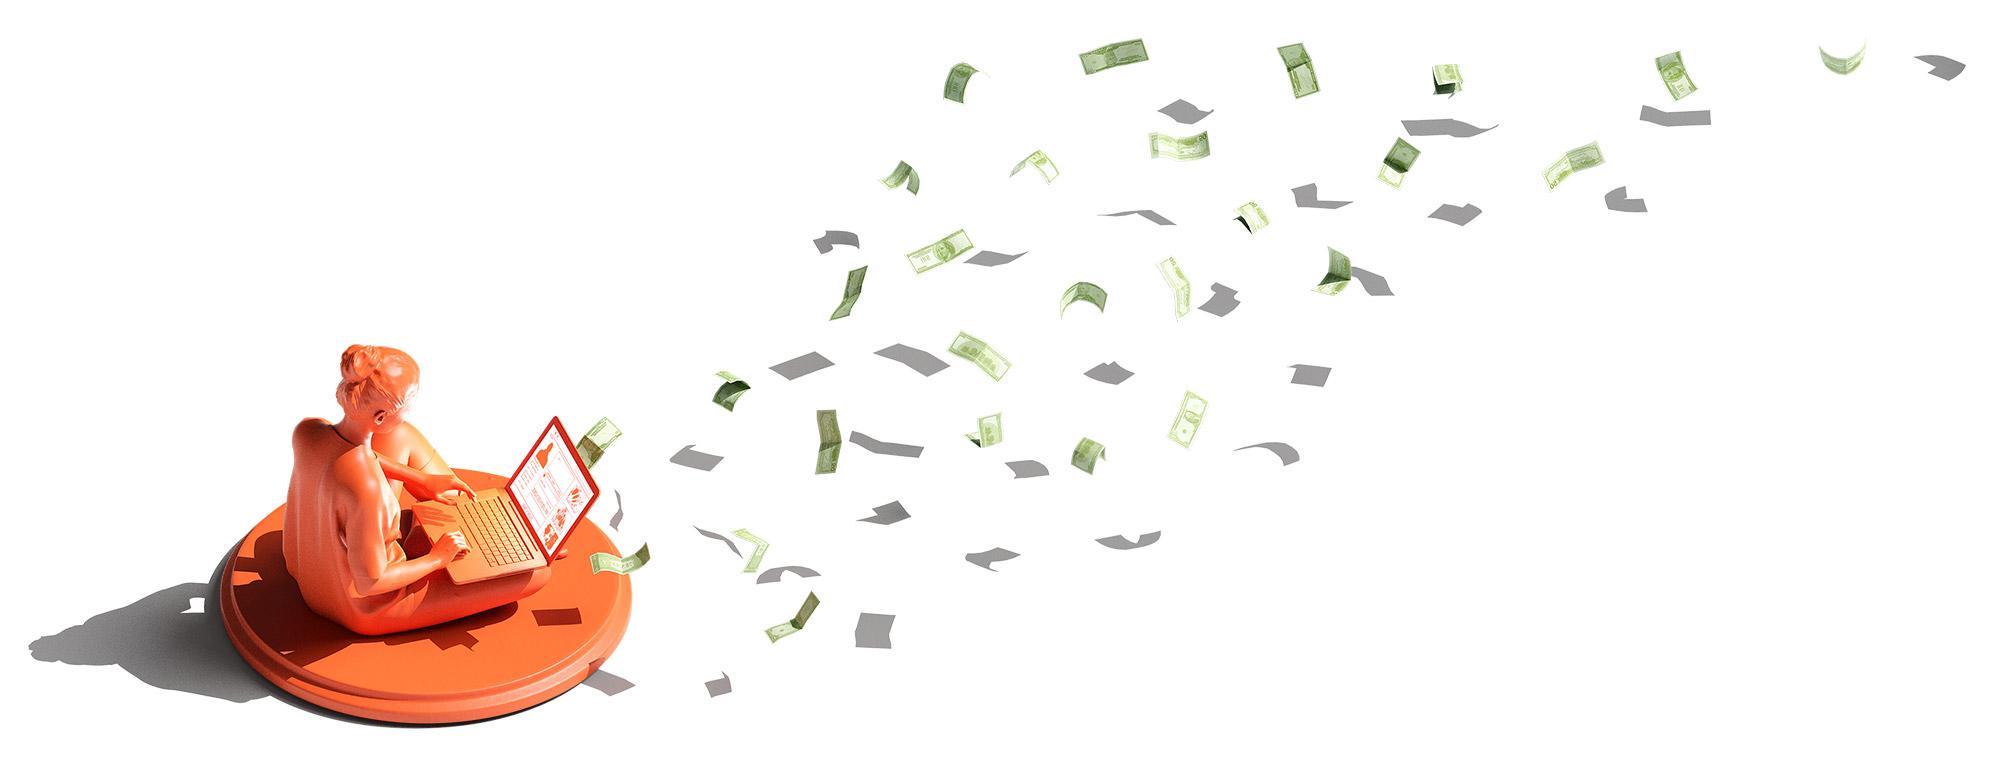 Die Nutzer*innen von sozialen Medien zahlen nicht mit Geld, sondern mit ihrer Aufmerksamkeit.